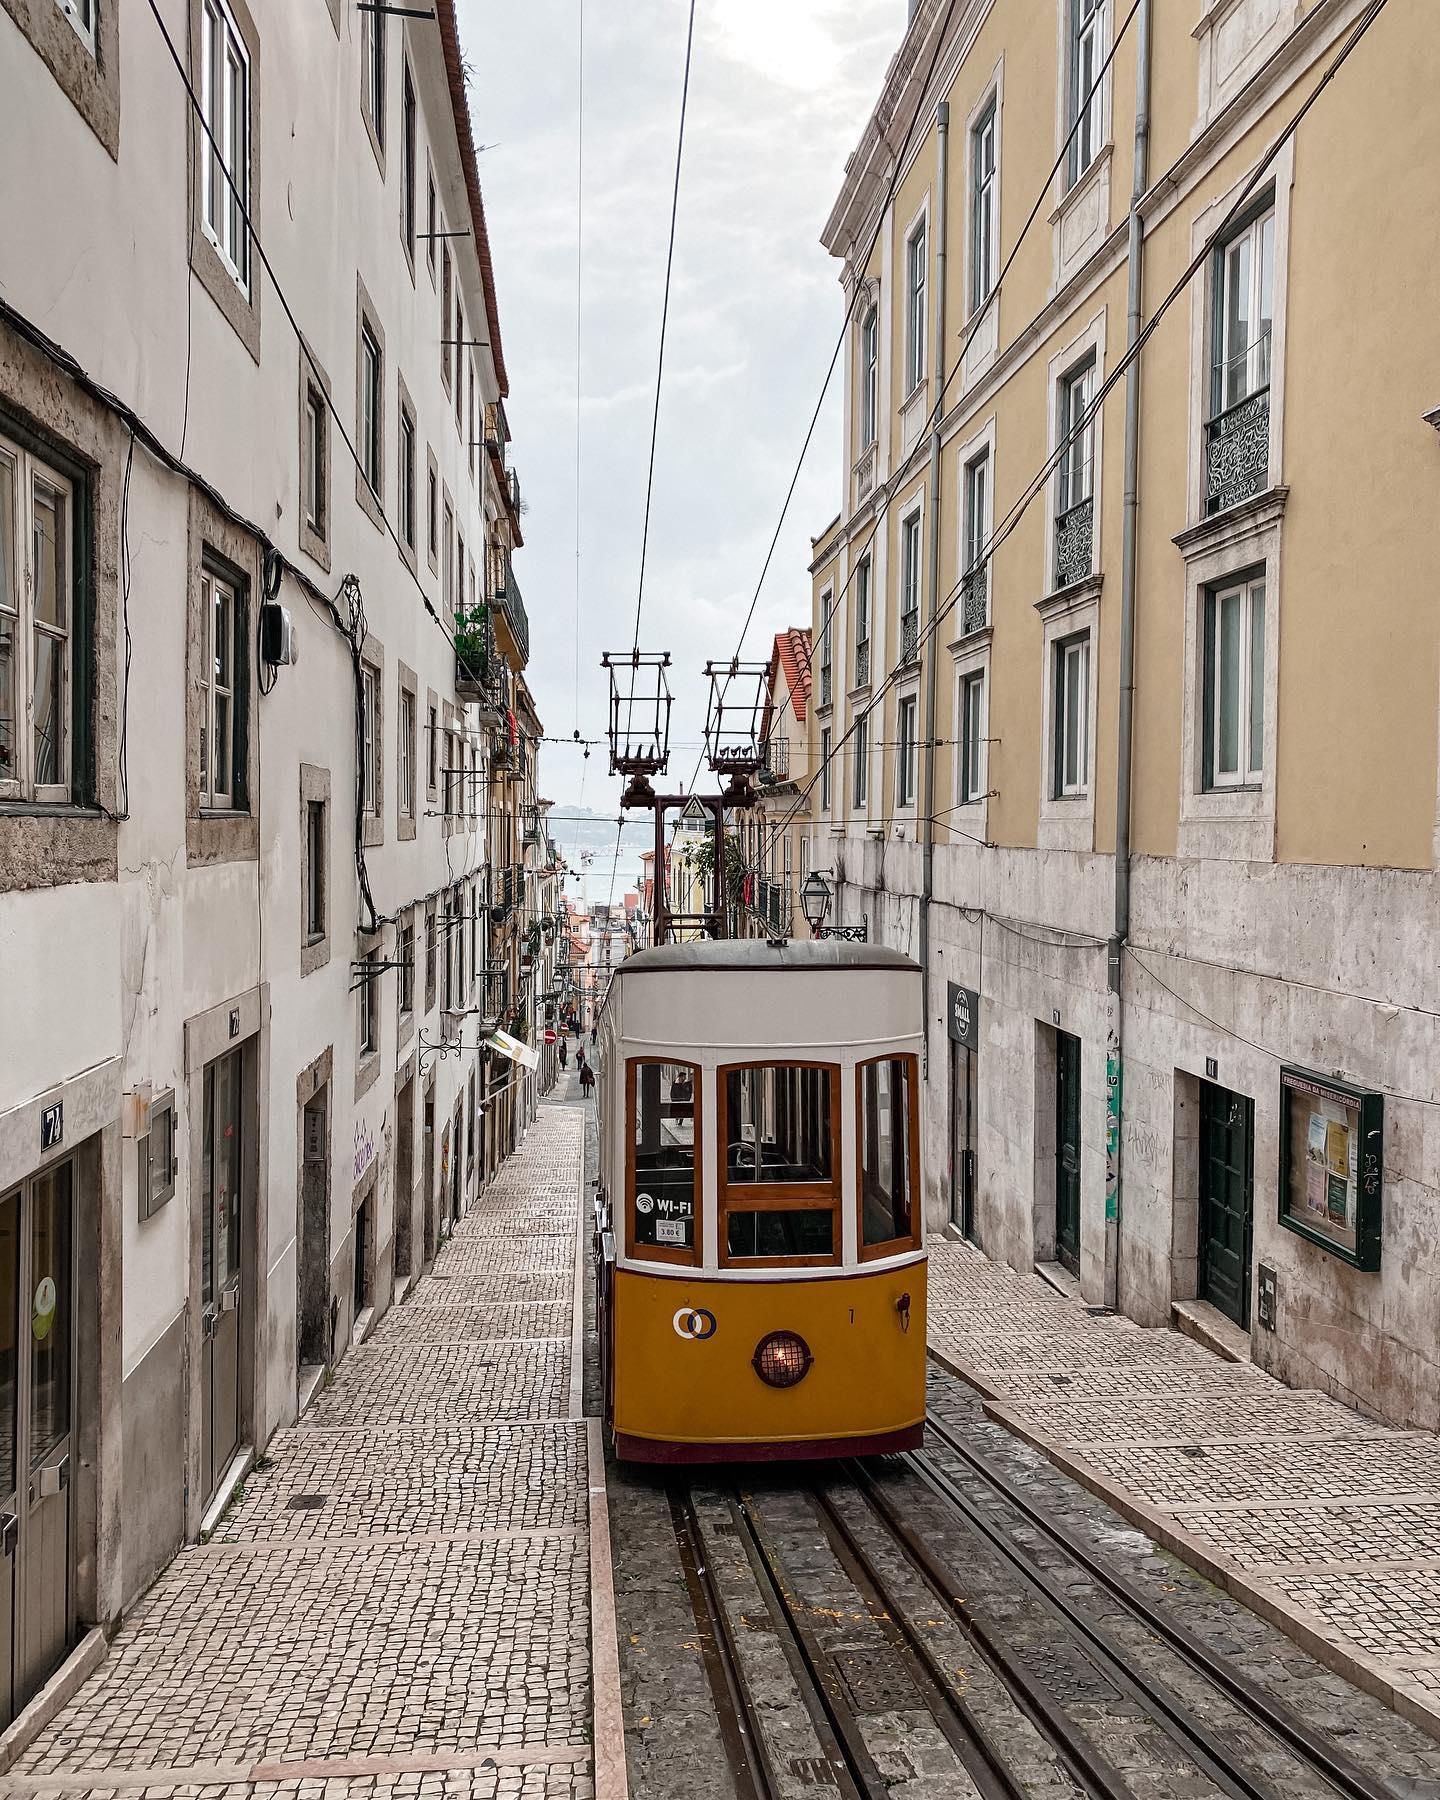 Langsam tuckert die Straßenbahn durch die schmalen Gassen von Baixo-Chiado.…